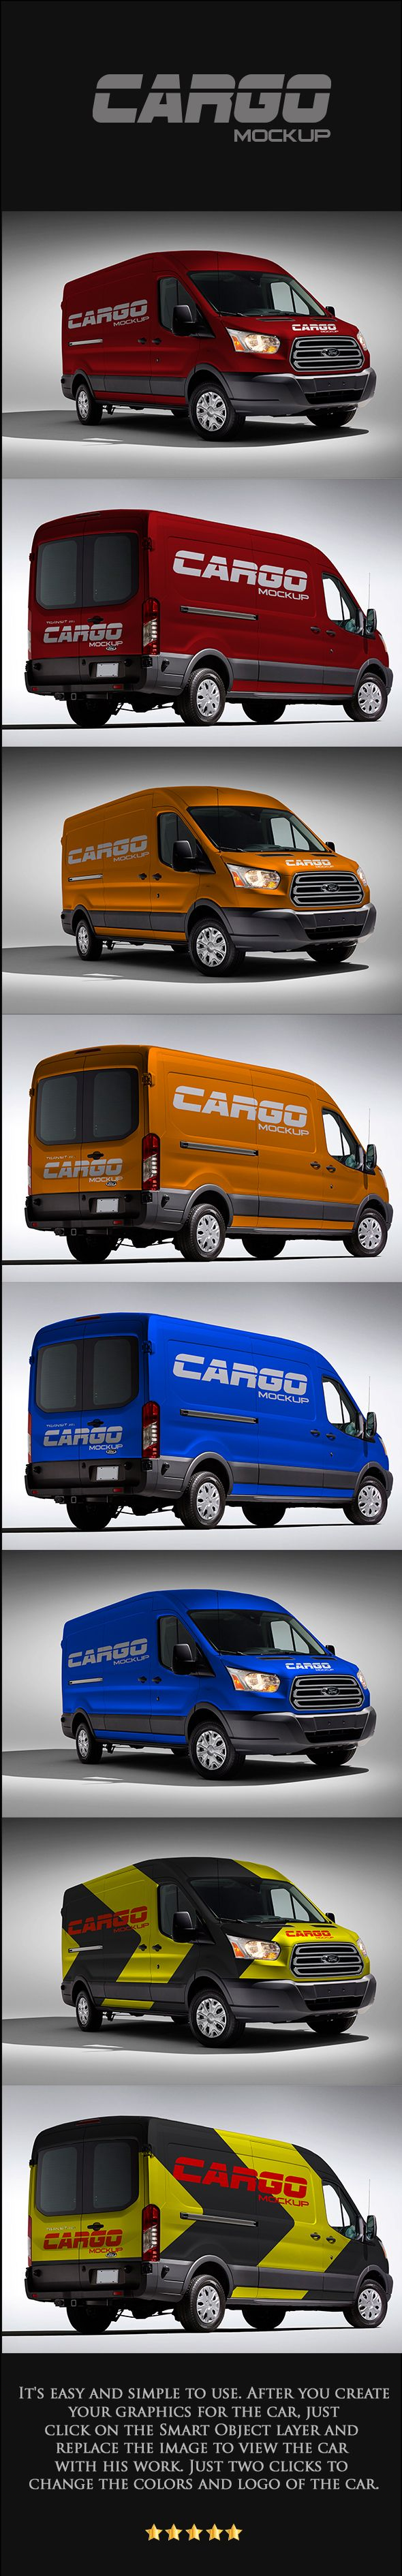 Free Mock-Up Van Cargo on Behance